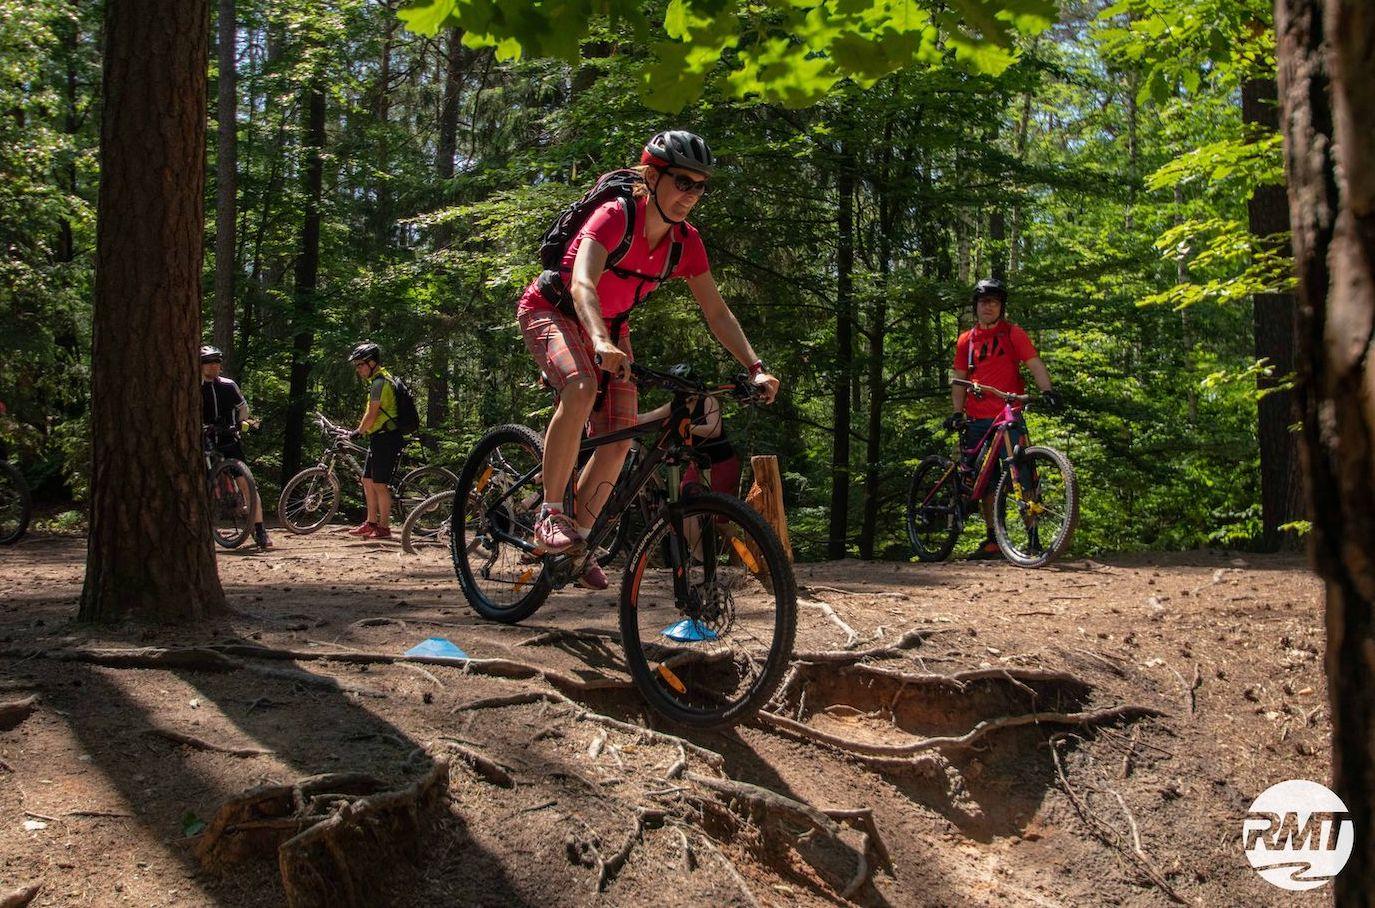 MTB Fahrtechnik Kurs für Einsteiger in Witten - Ruhrgebiet - Mountainbike Basic Ruhrgebit Trail Anfänger - Rock my Trail Bikeschule GmbH - 27